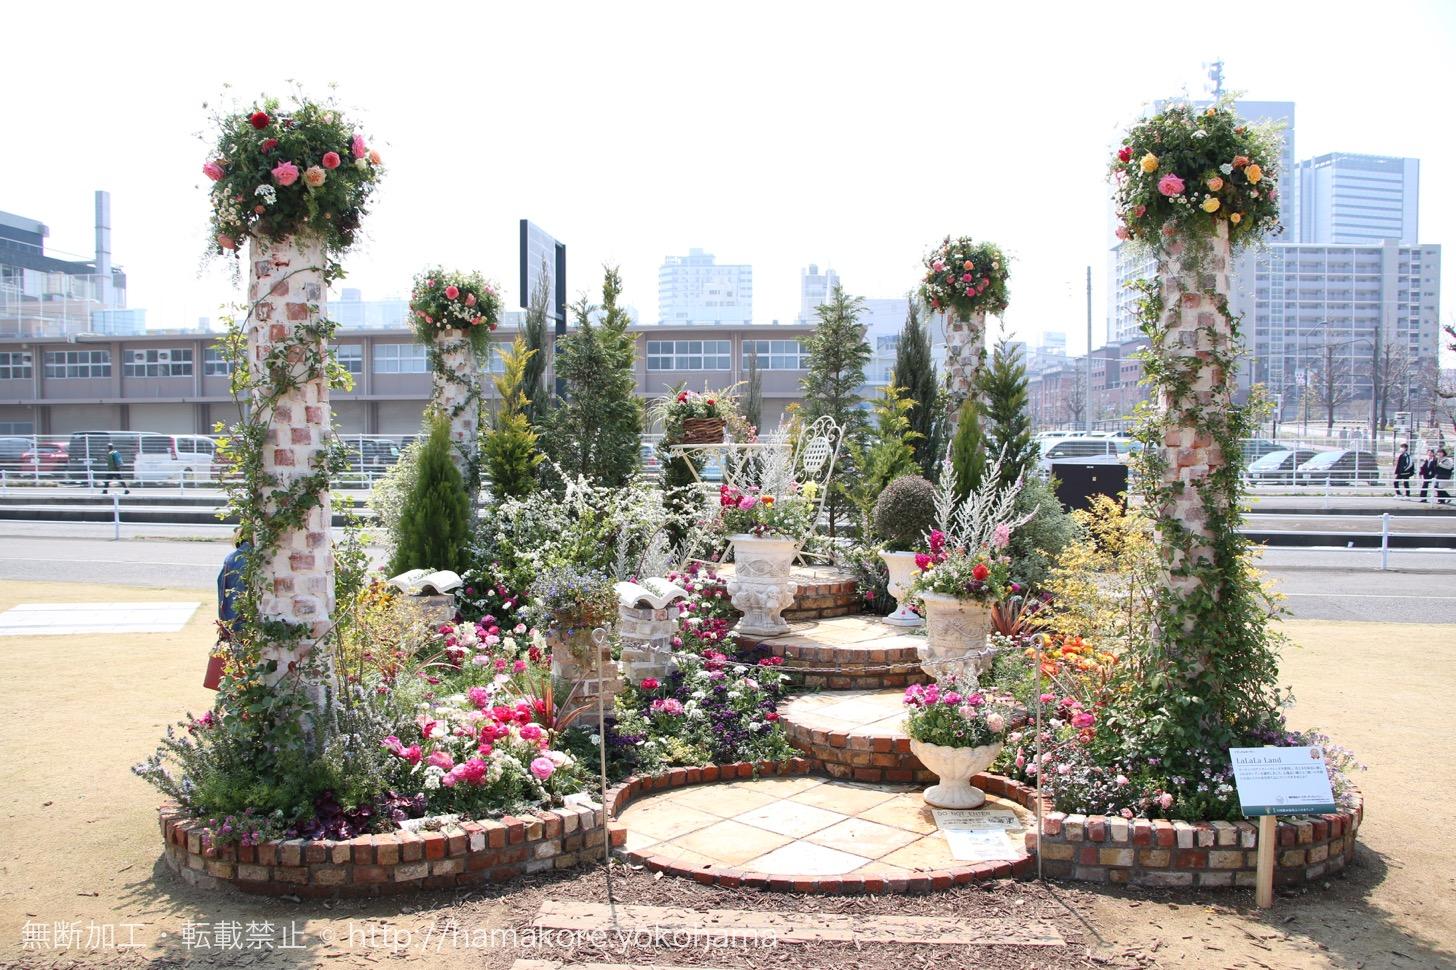 全国都市緑化横浜フェア 横浜赤レンガ倉庫周辺の庭園